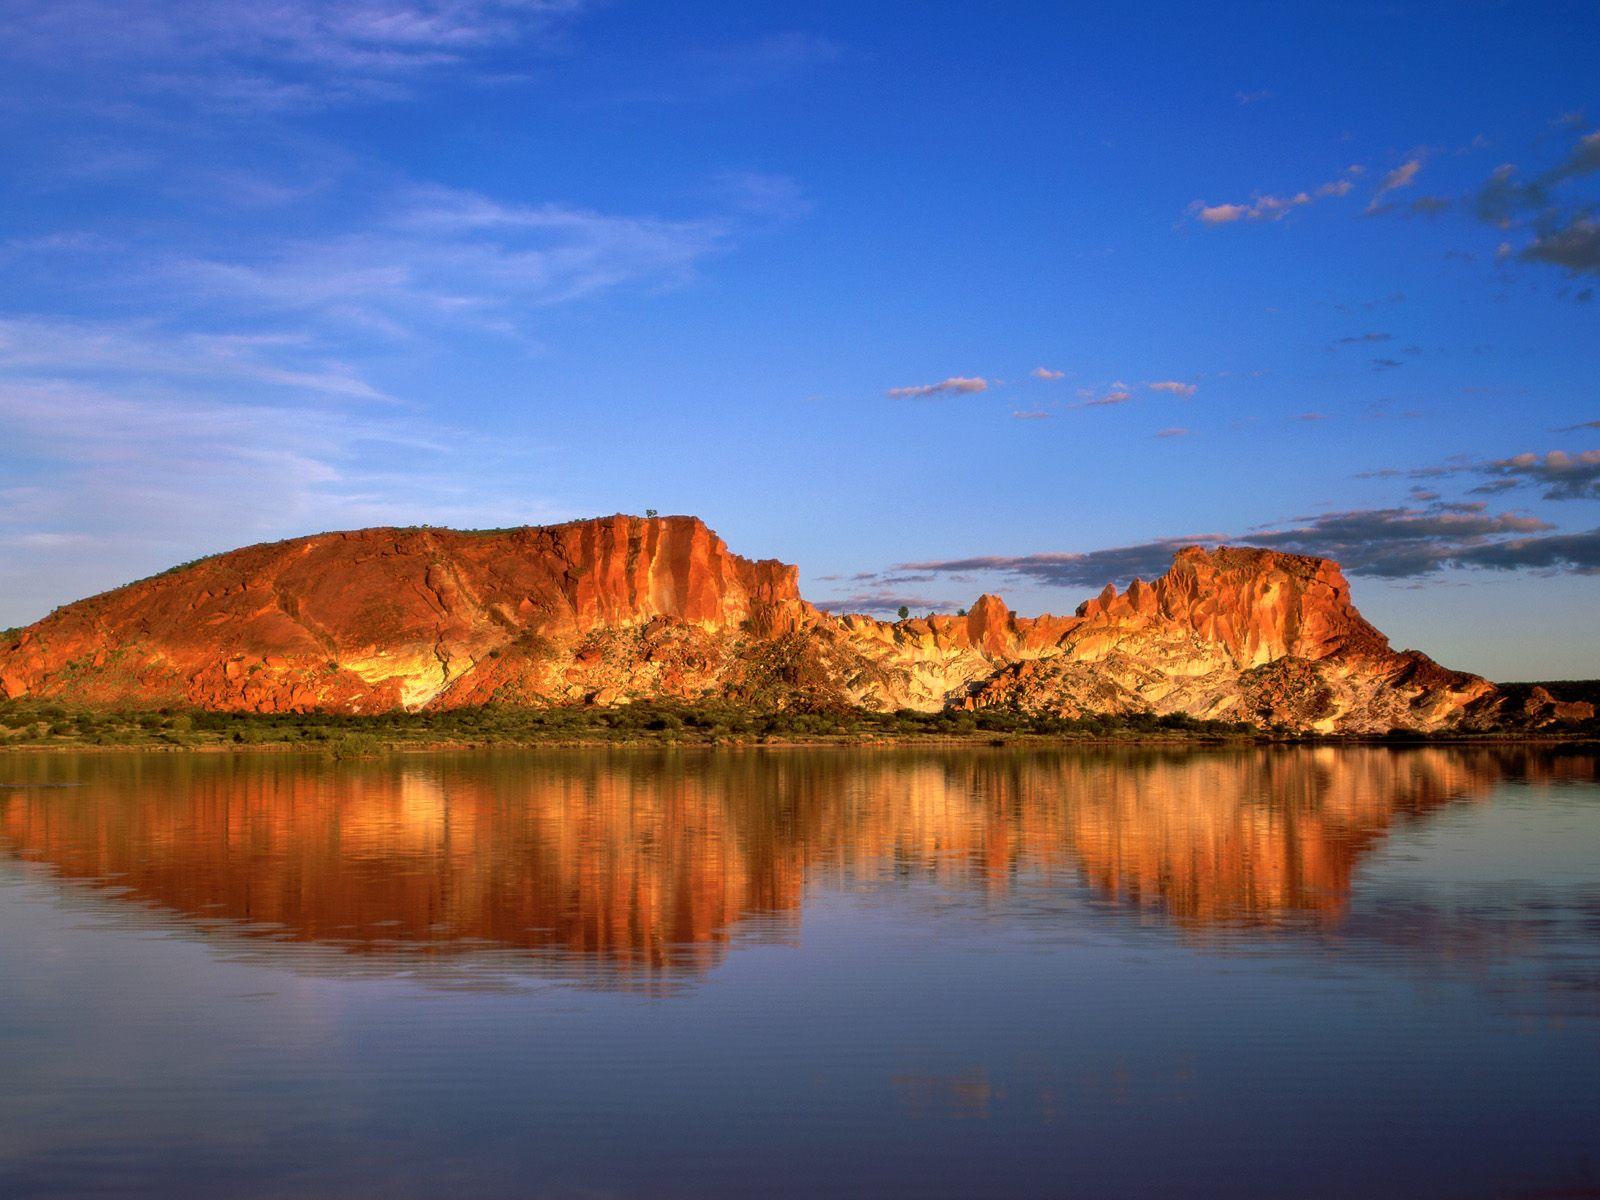 软件下载 桌面壁纸 风景壁纸 世界风光 美丽澳大利亚精美高清壁纸